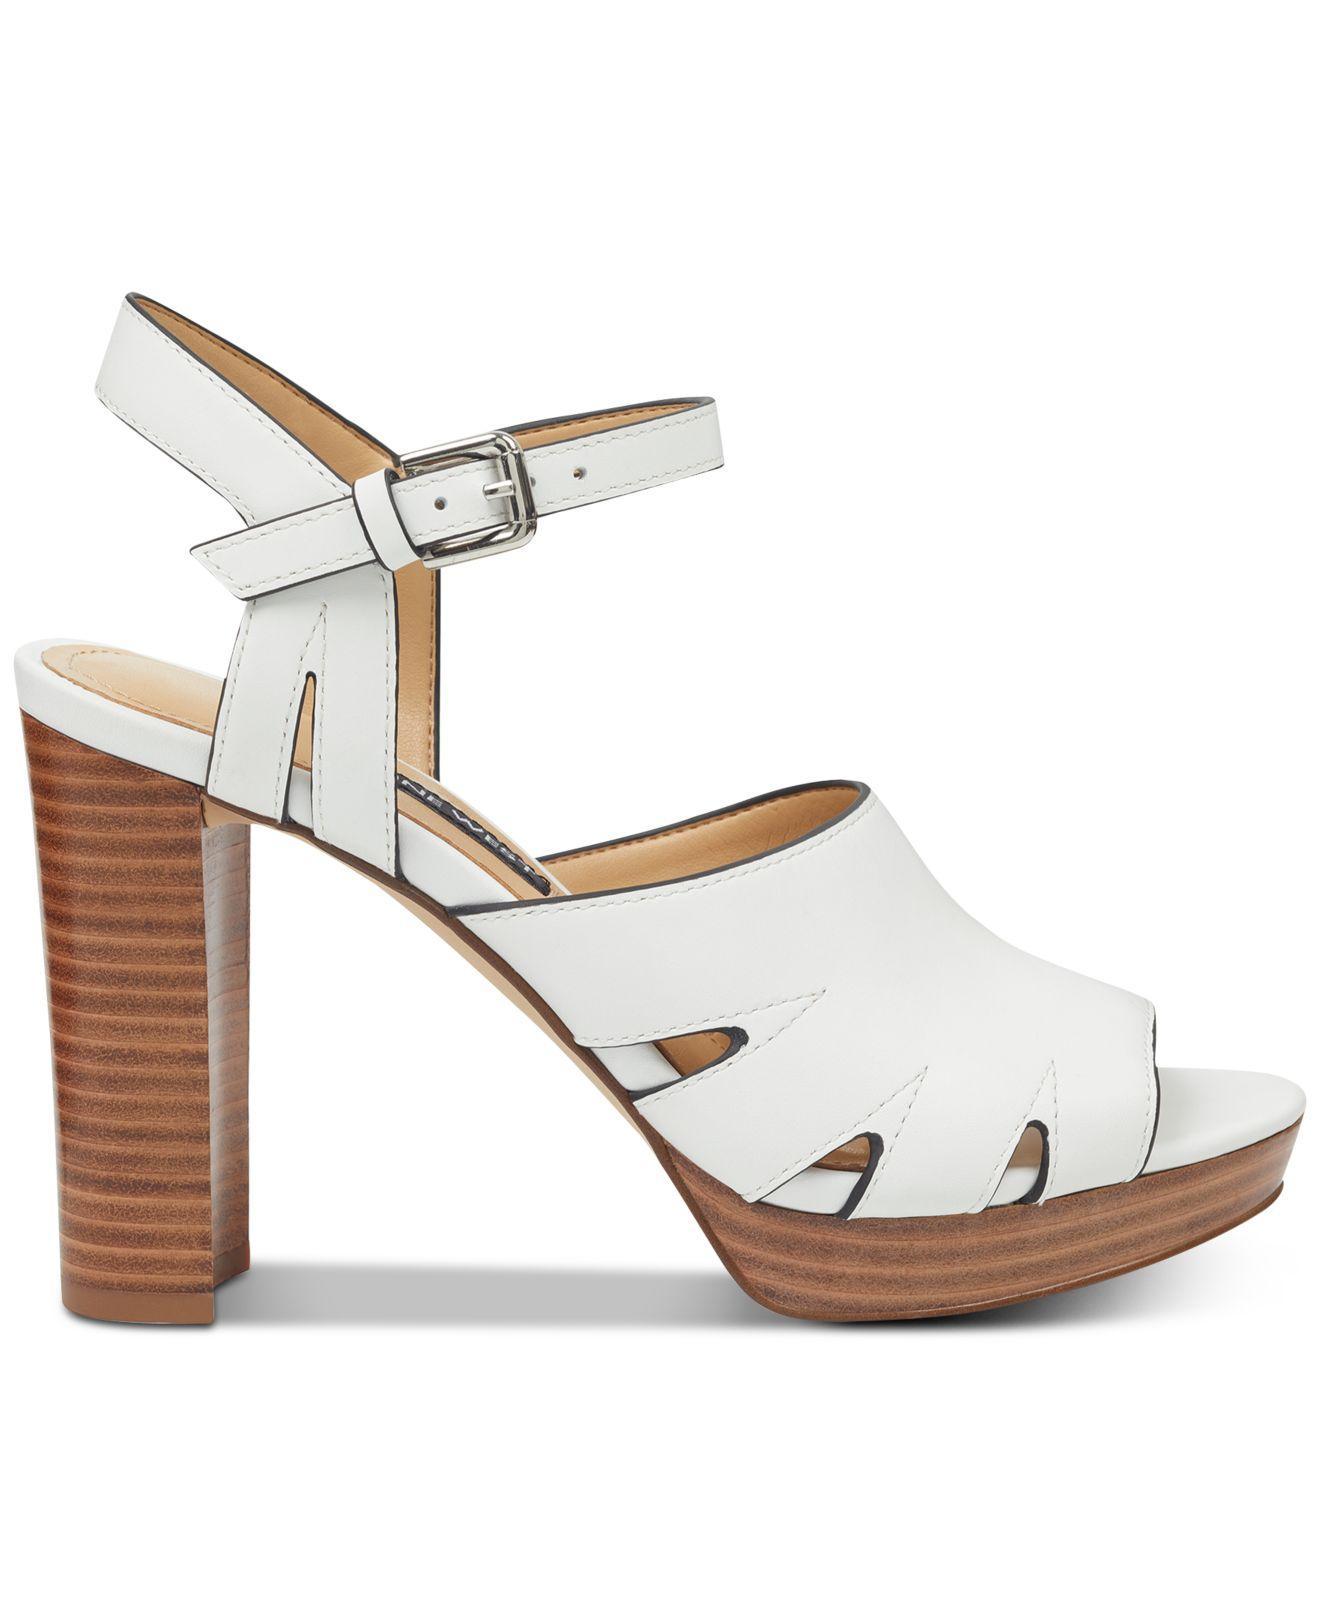 bd794b117886 Lyst - Nine West Delilah Platform Sandals in White